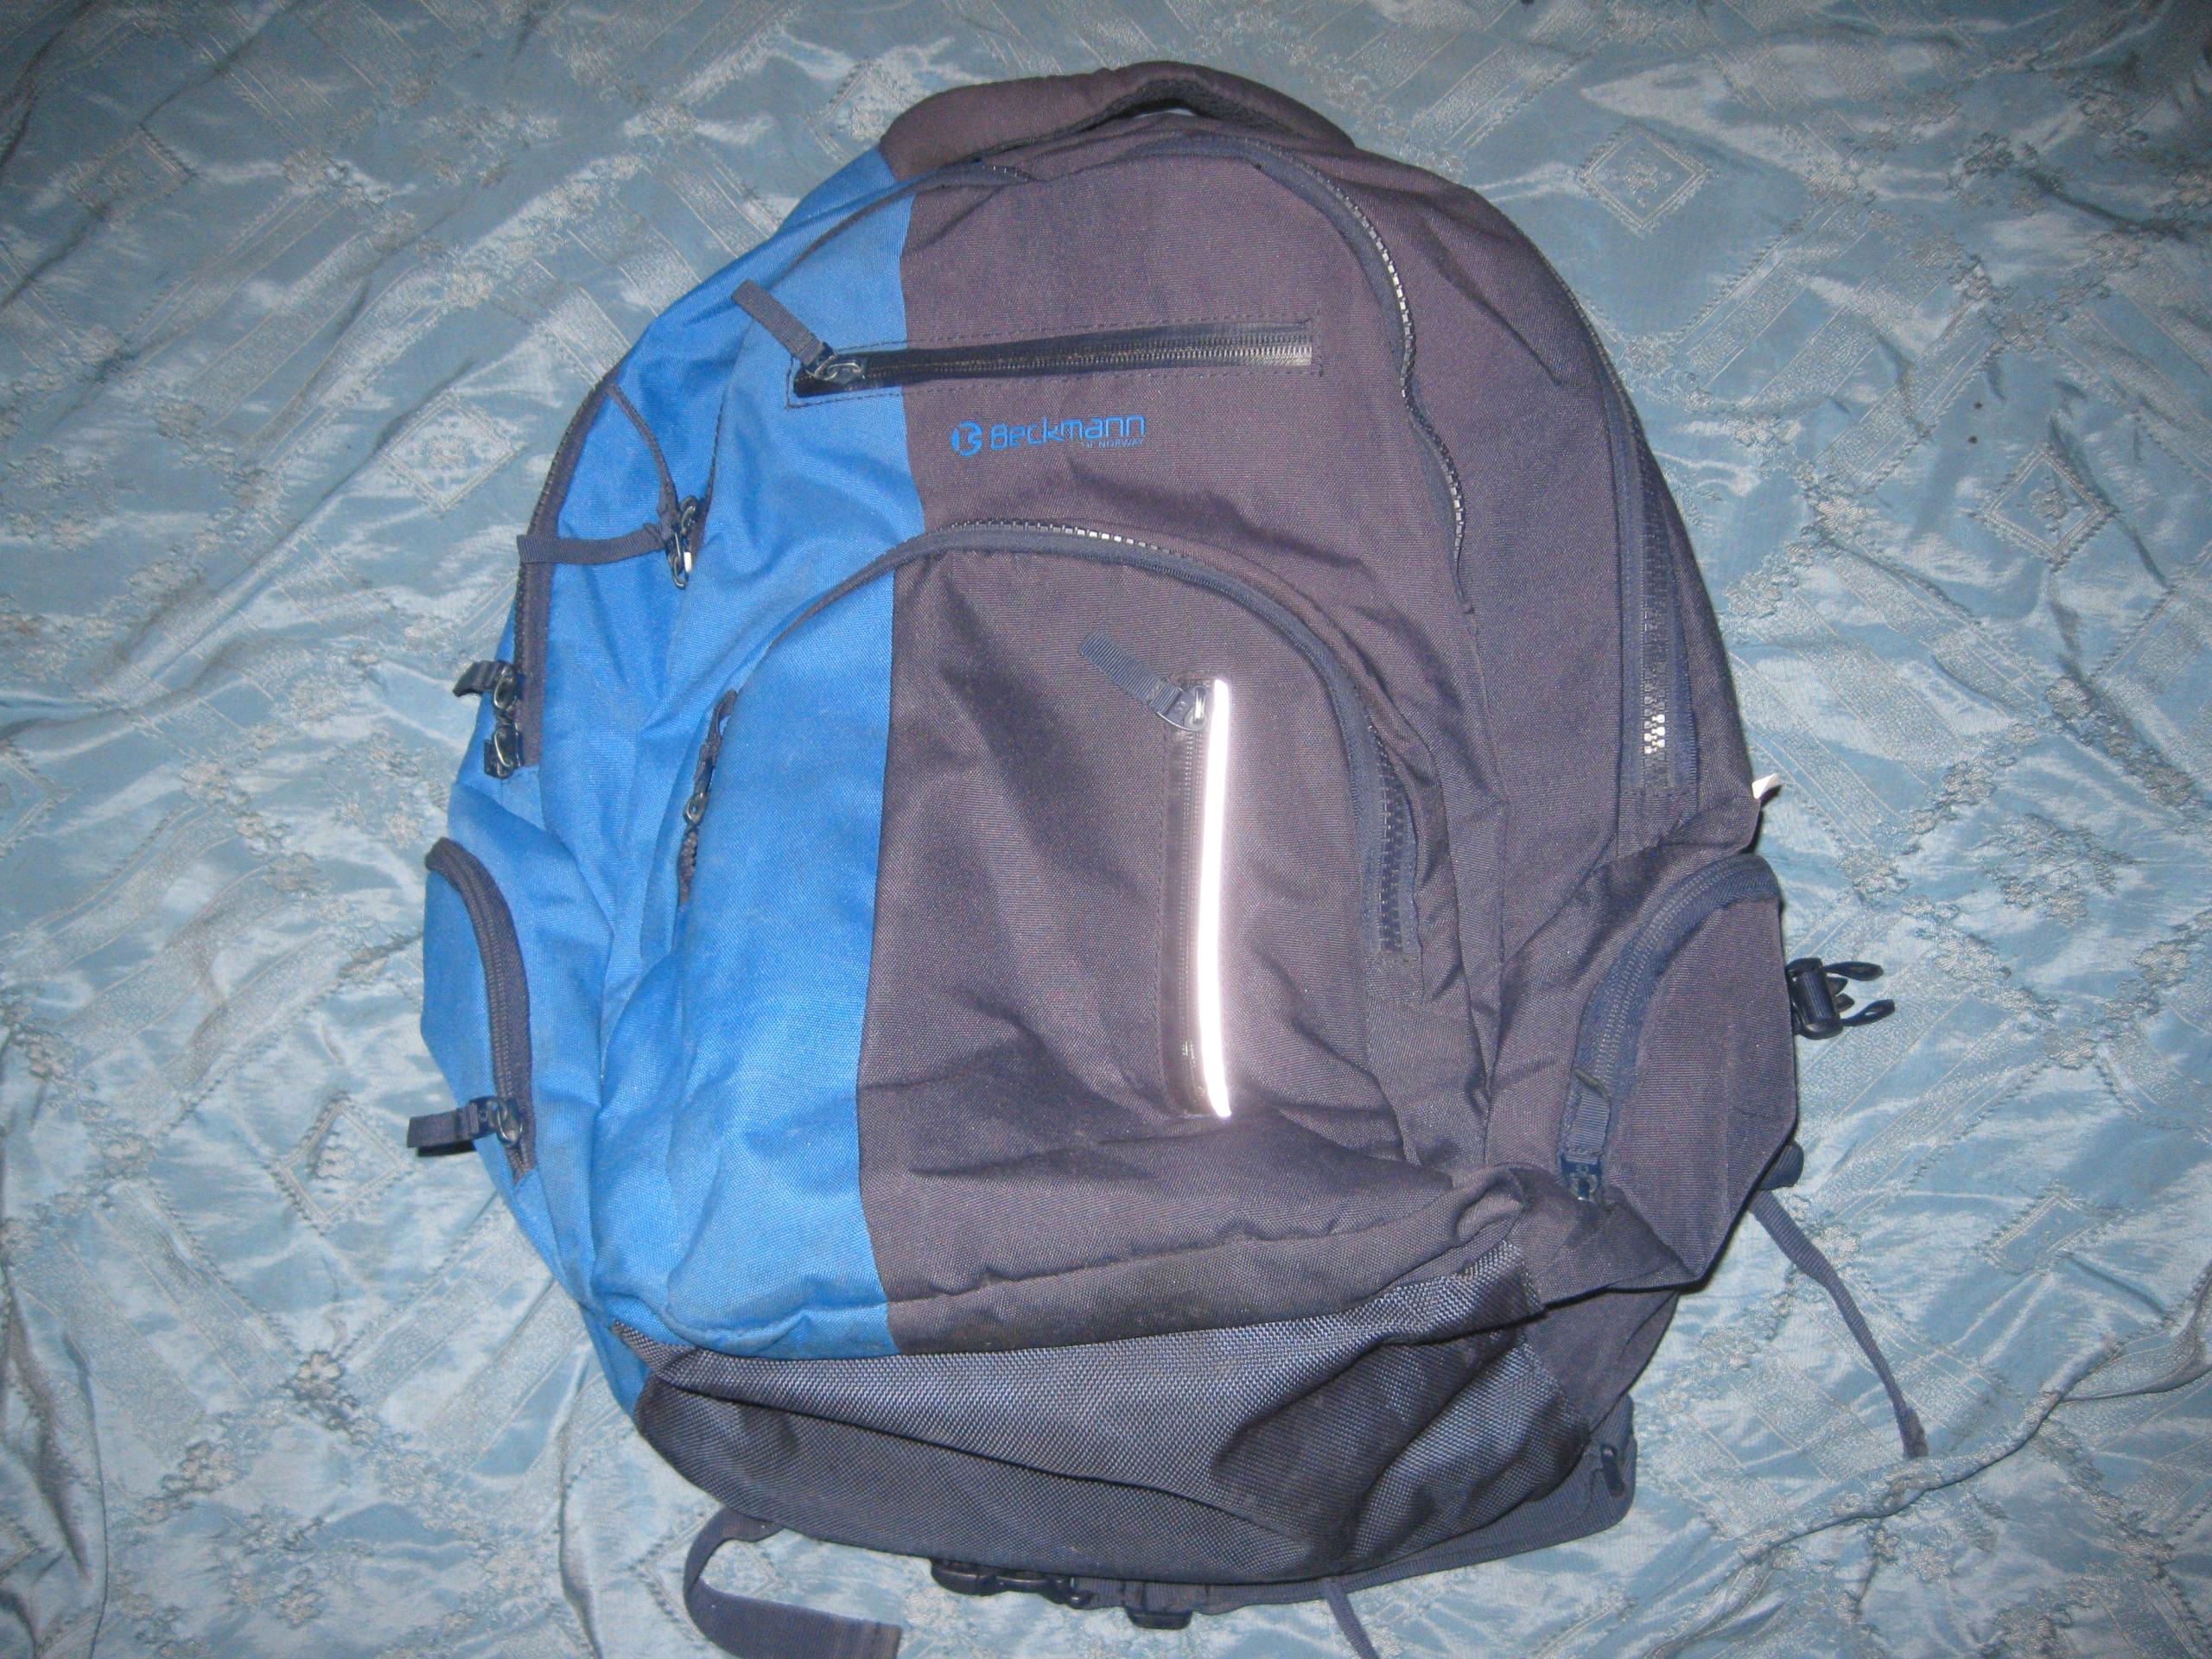 BECKMAN of norge plecak miejski turystyczny 40 L